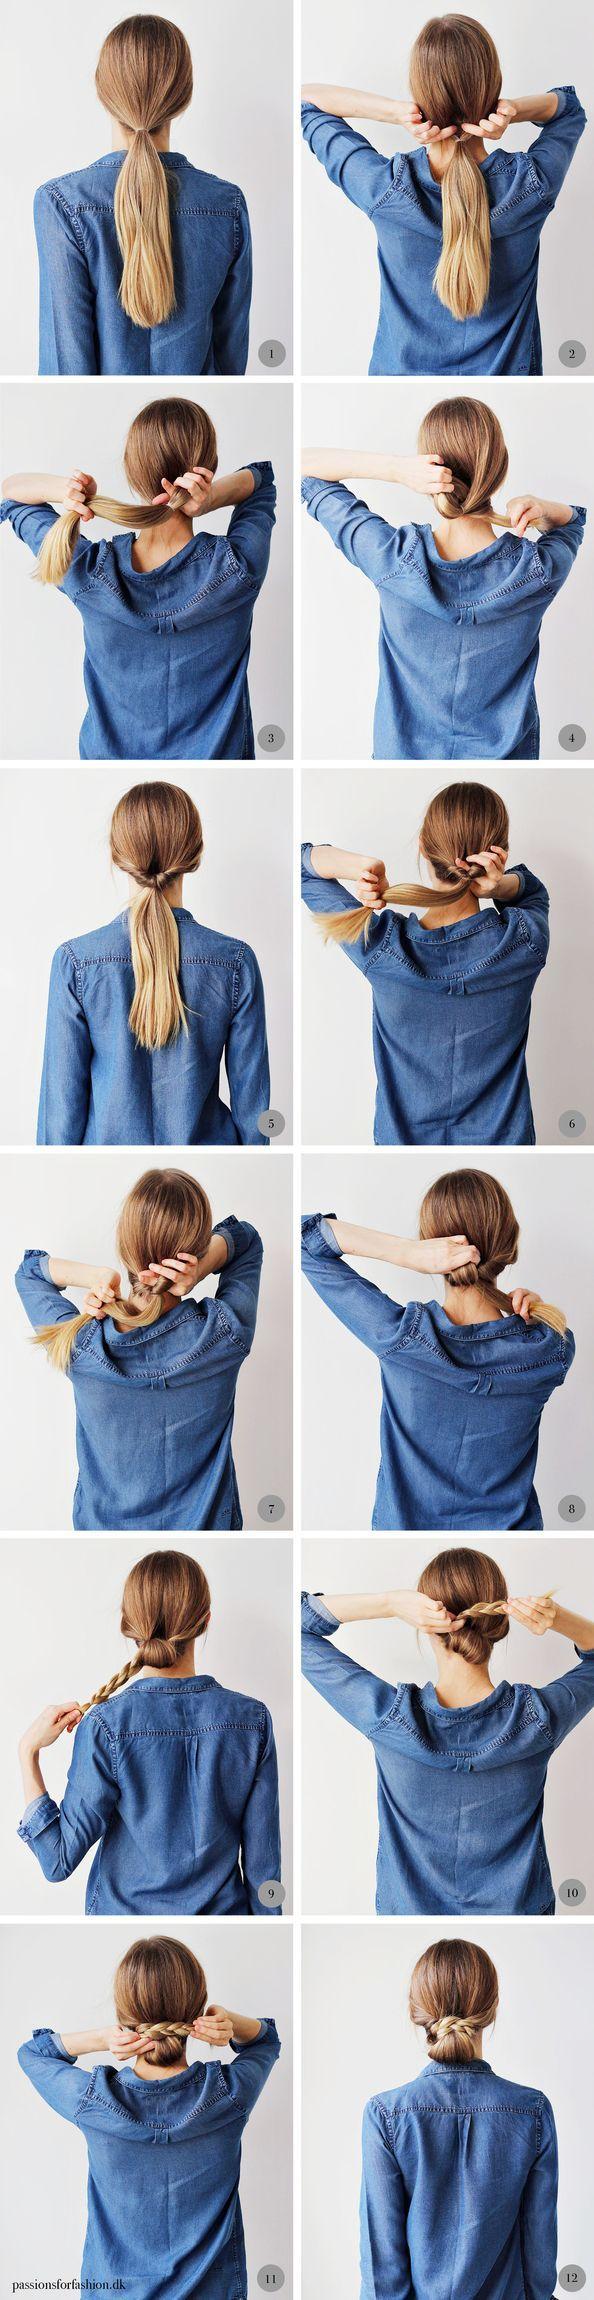 Fredagsfrisure knold med fletning hår pinterest hair style